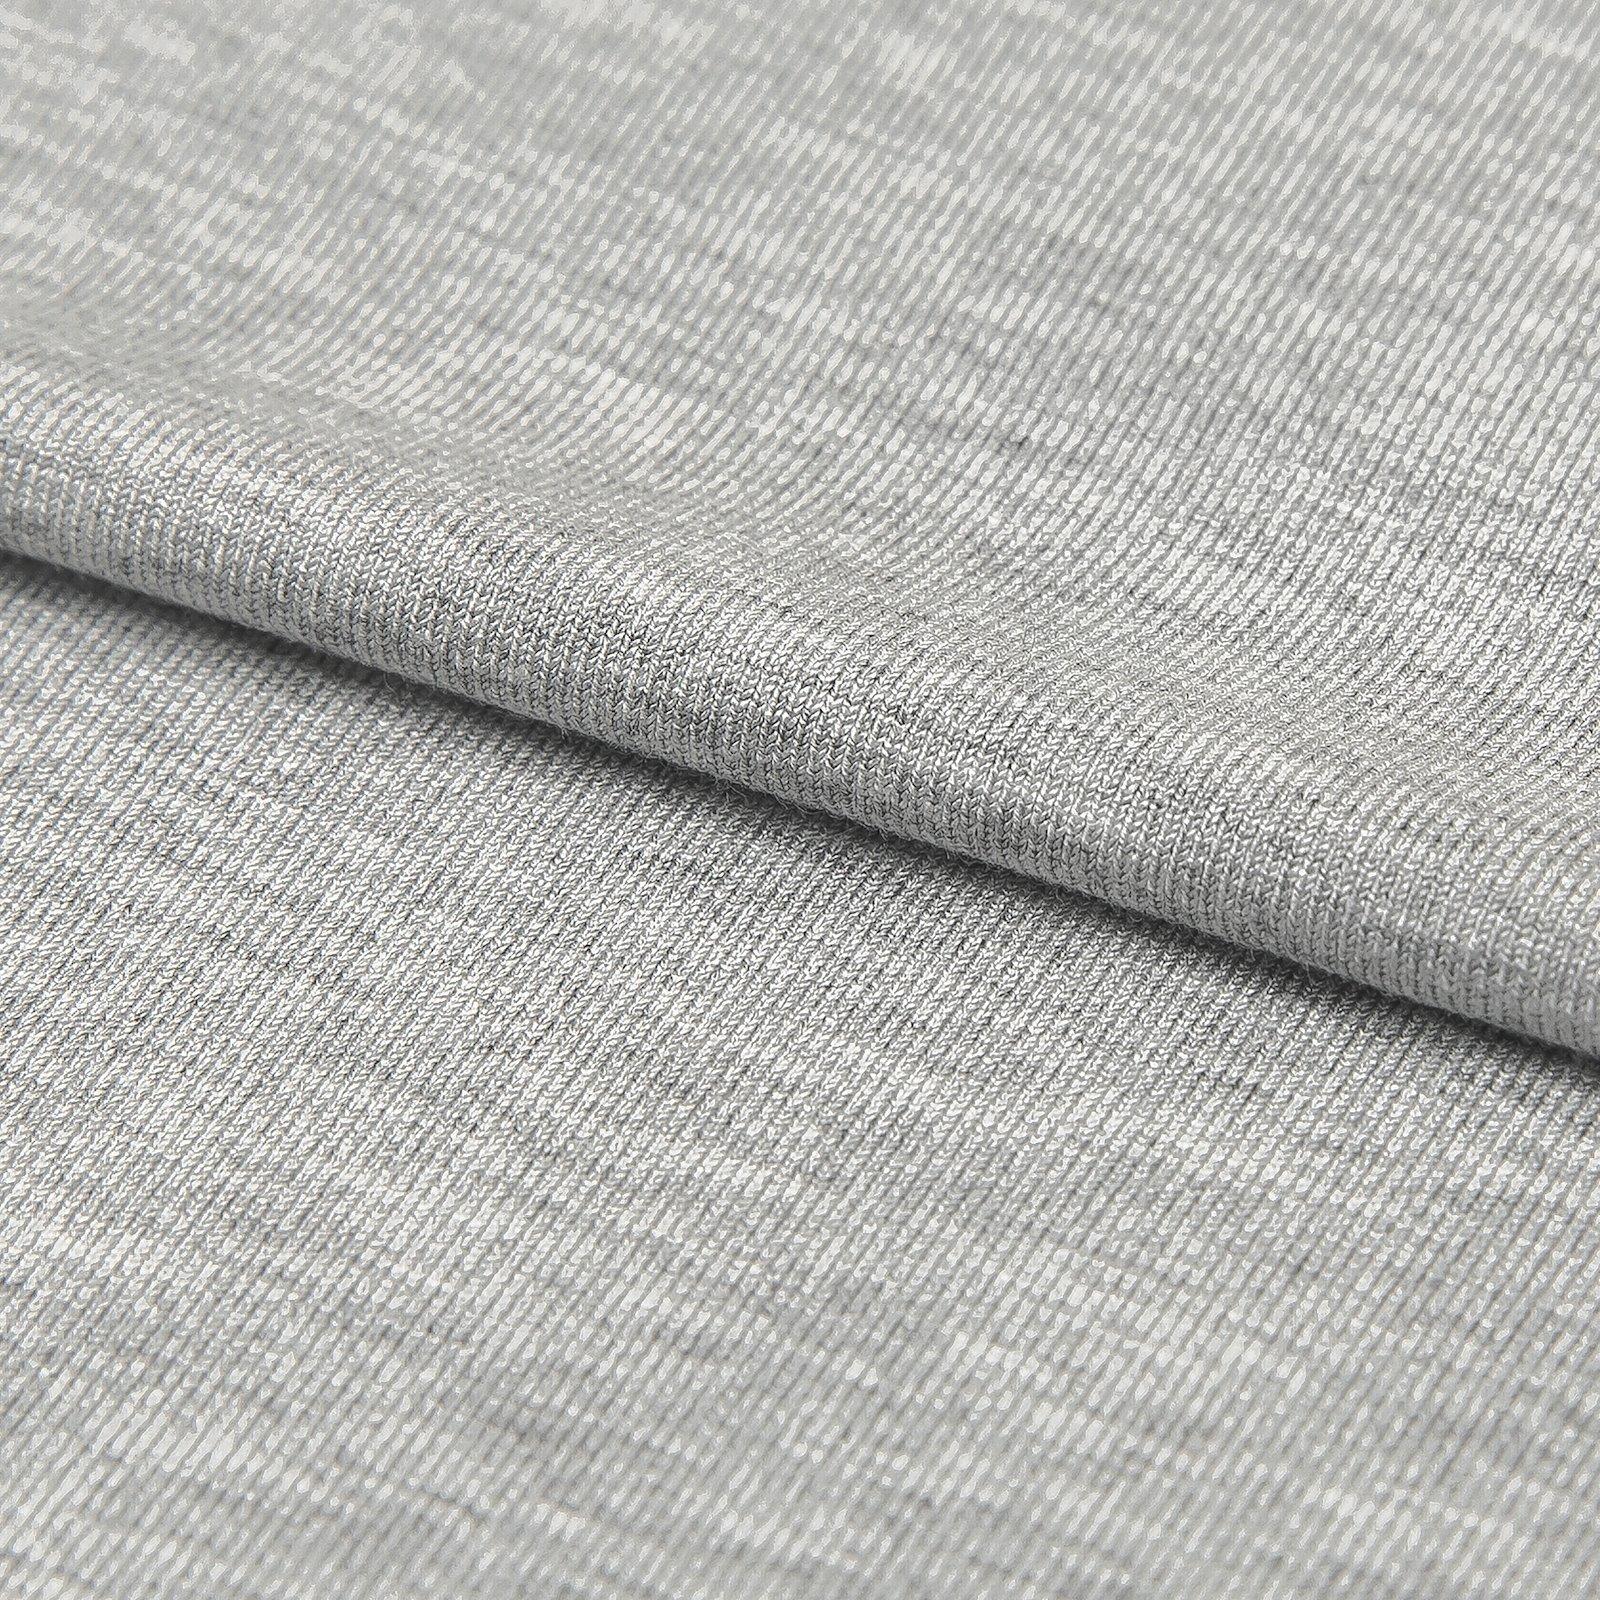 Viscose jersey light grey melange 270762_pack_d